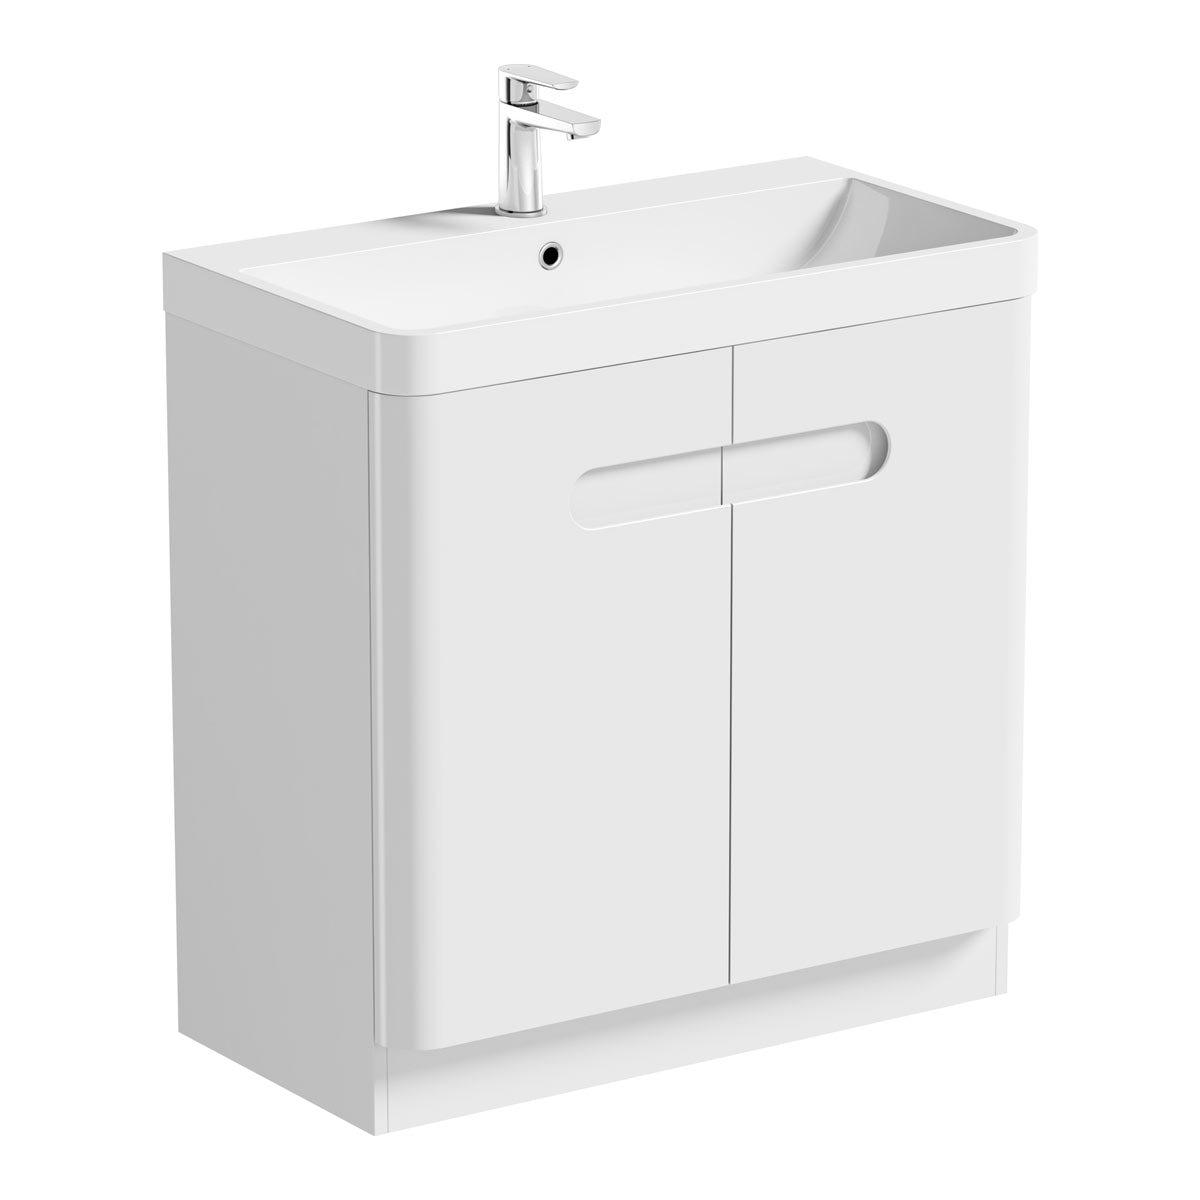 Mode Ellis white vanity door unit and basin 800mm